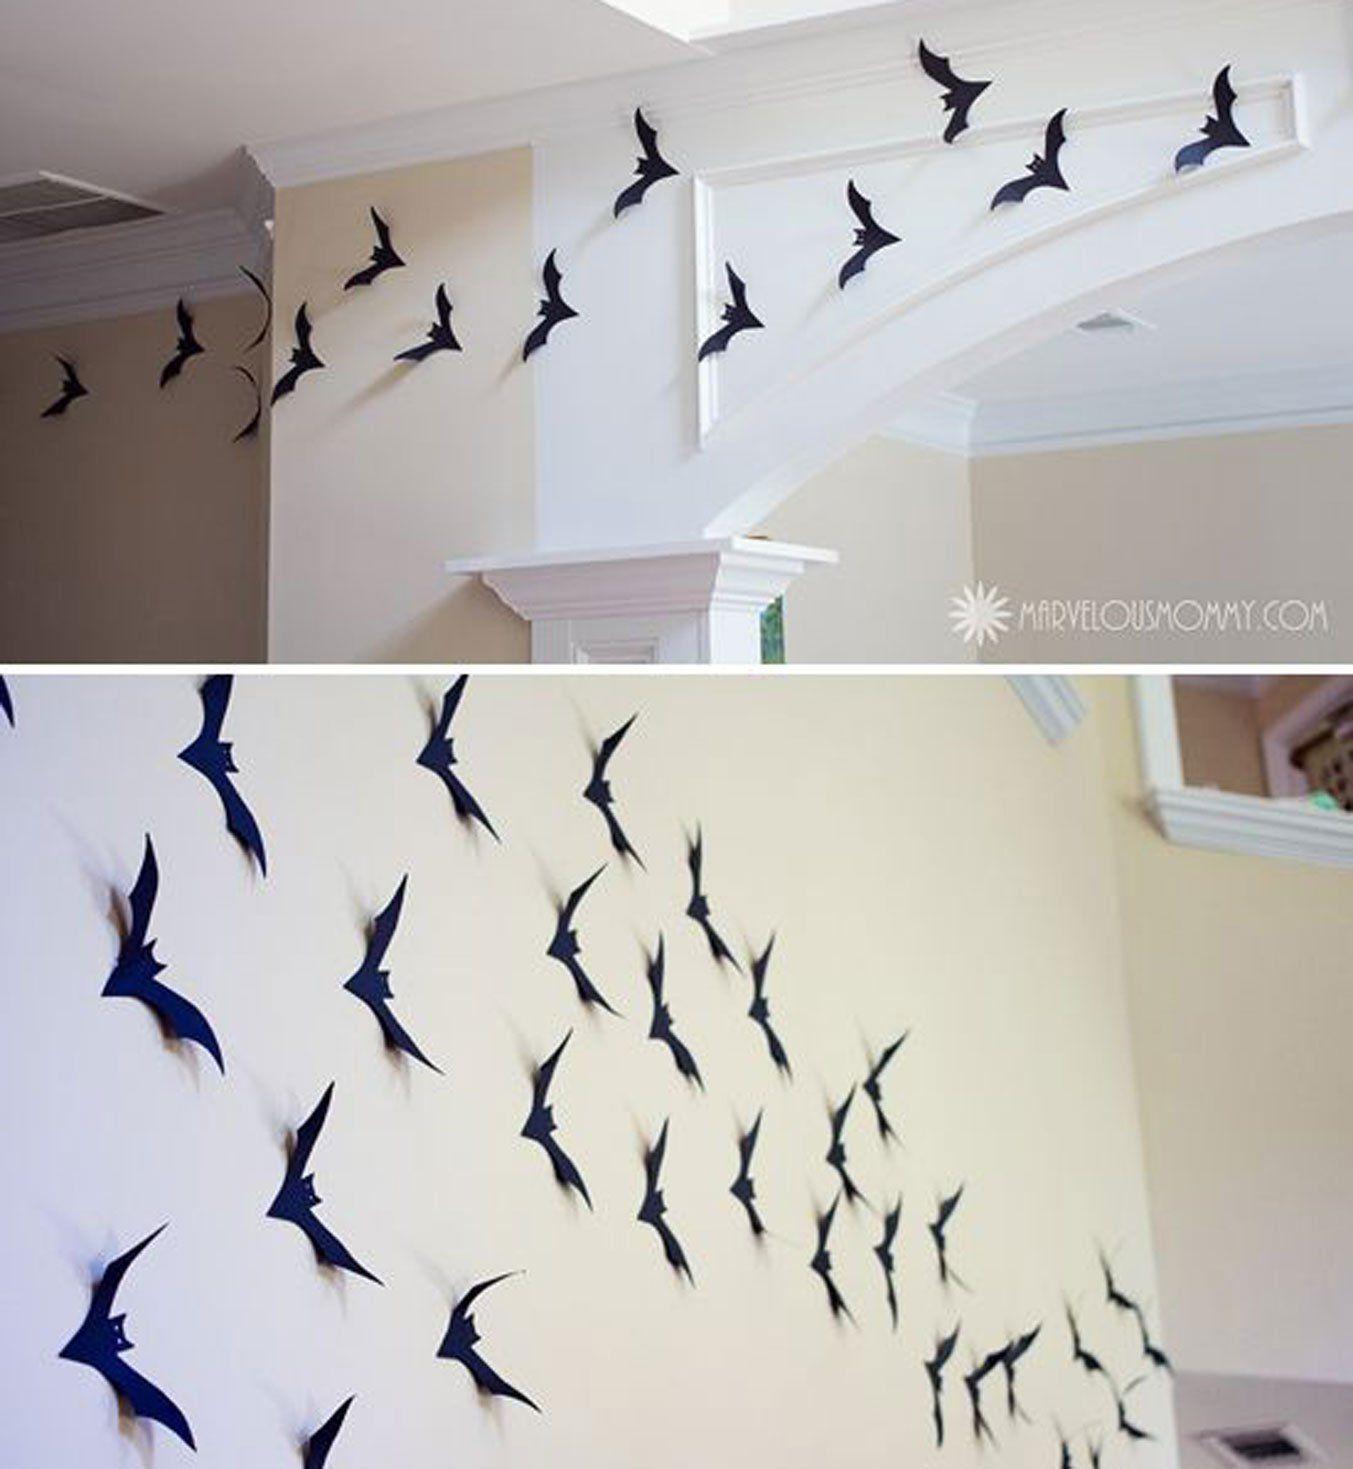 mur de chauve souris halloween id e pinterest chauve souris souris et mur. Black Bedroom Furniture Sets. Home Design Ideas